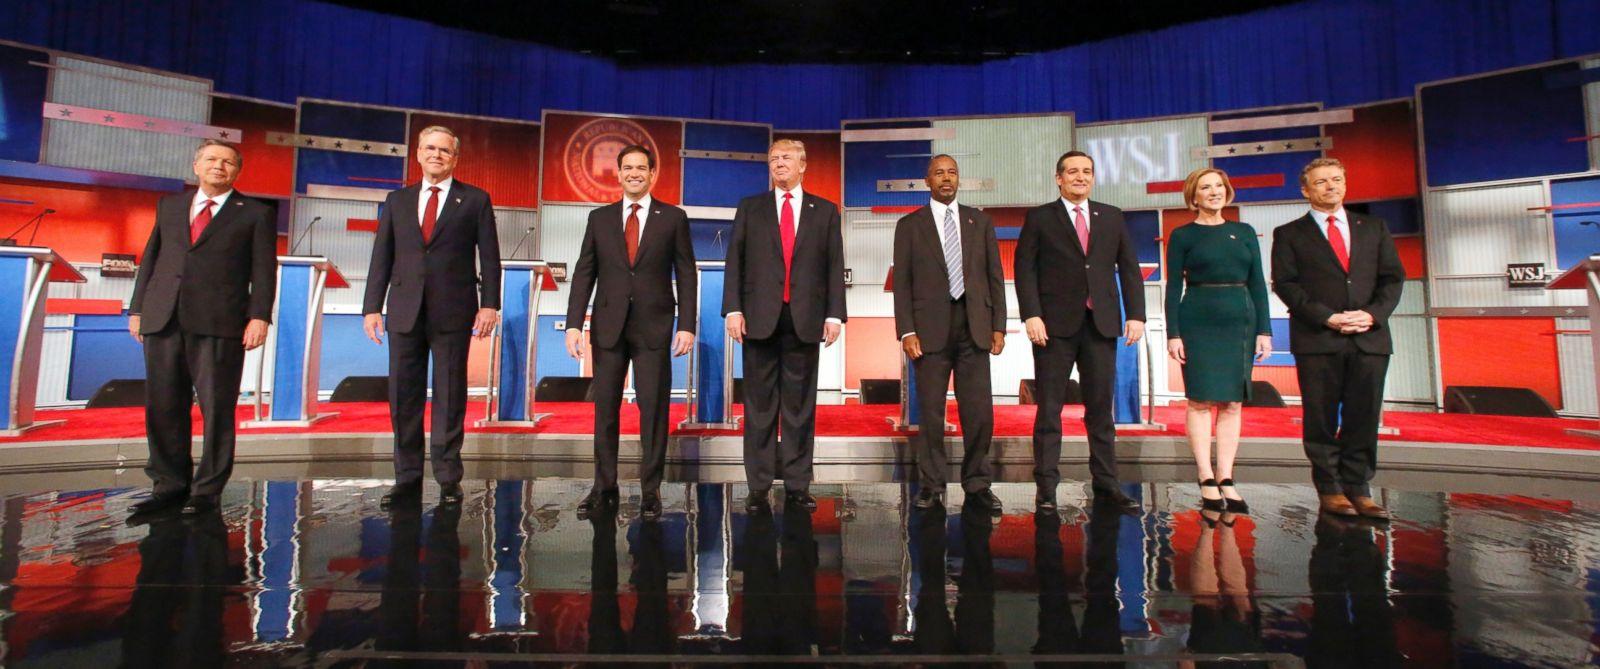 AP_GOP_debate_hb_151111_12x5_1600.jpg